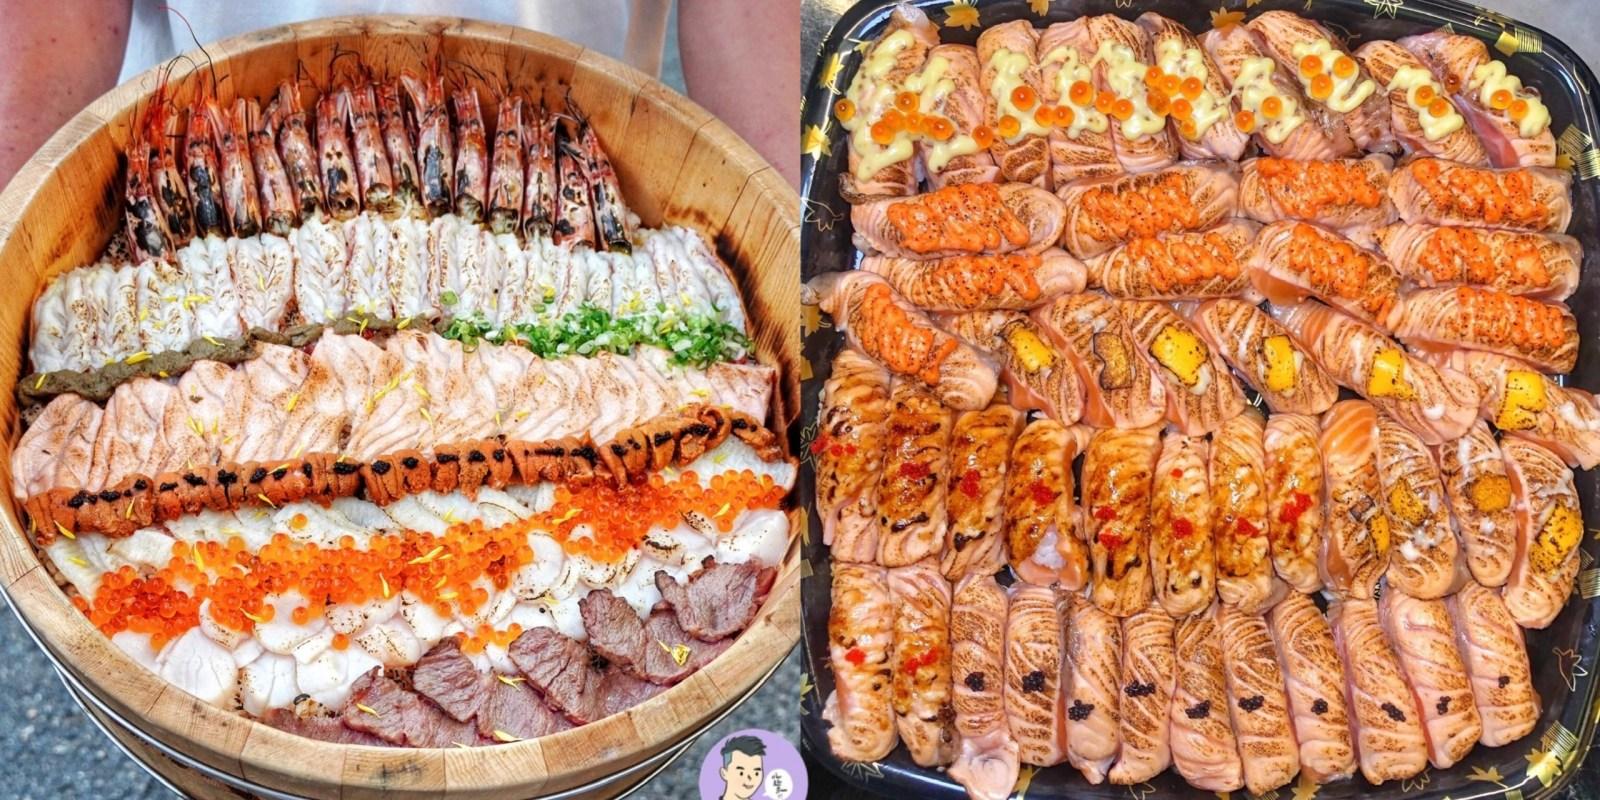 台南最狂日式料理店【餓男食堂】巨無霸海鮮丼飯、50貫炙燒鮭魚畫面超浮誇!!